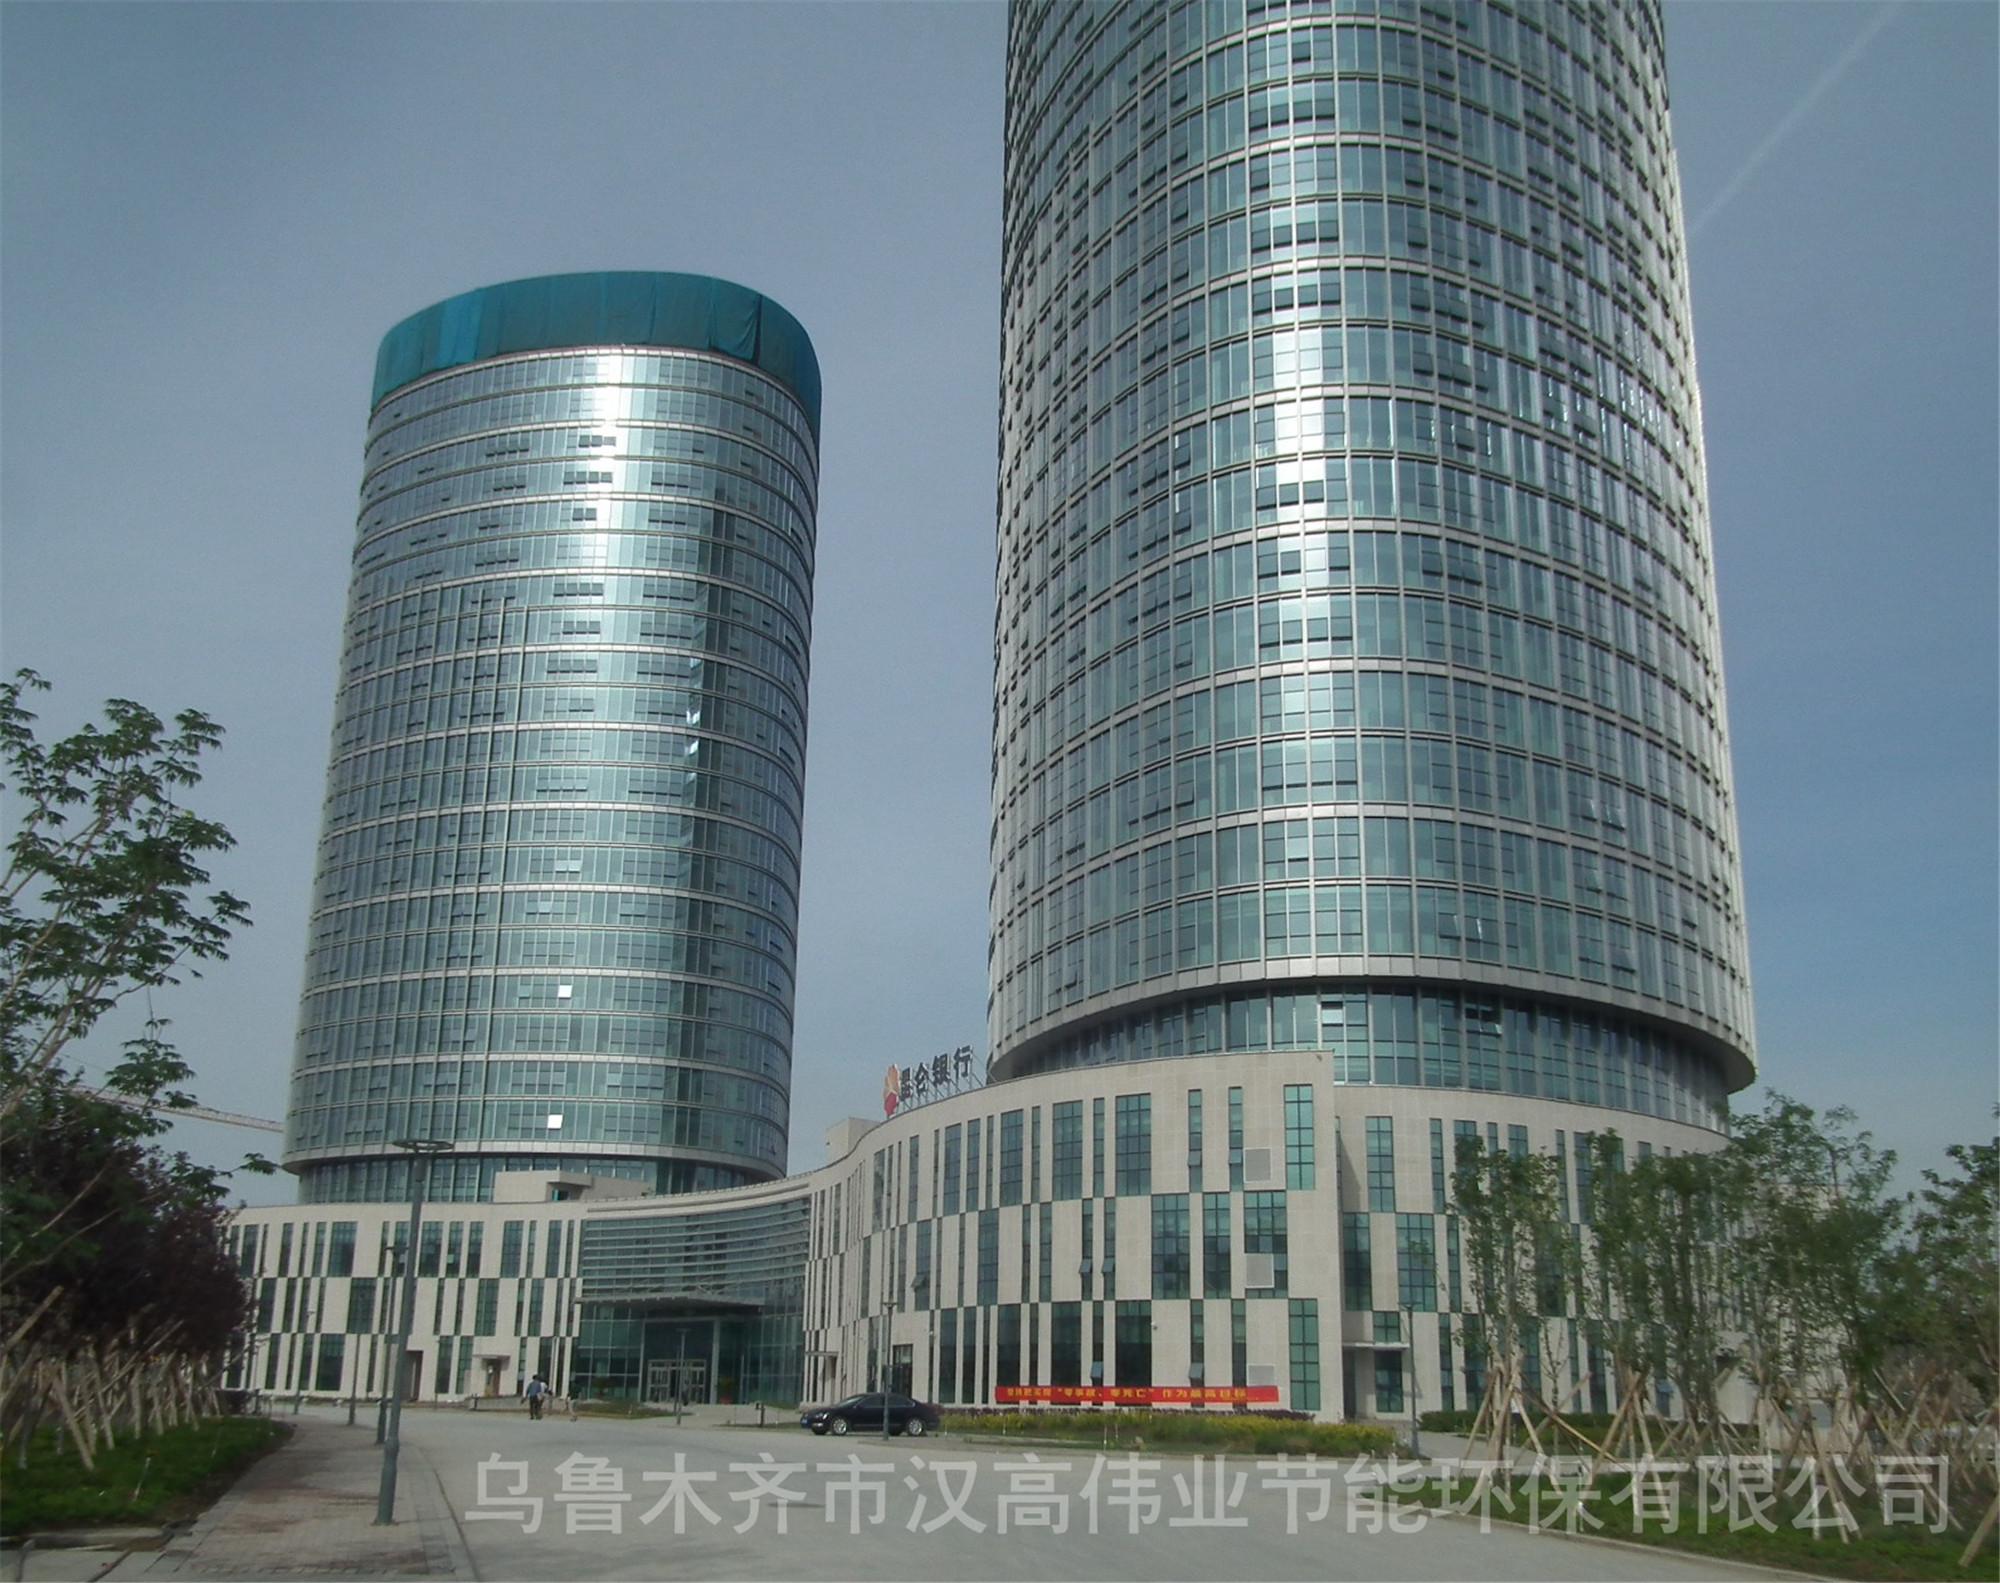 新疆软件园贴建筑隔热防爆膜